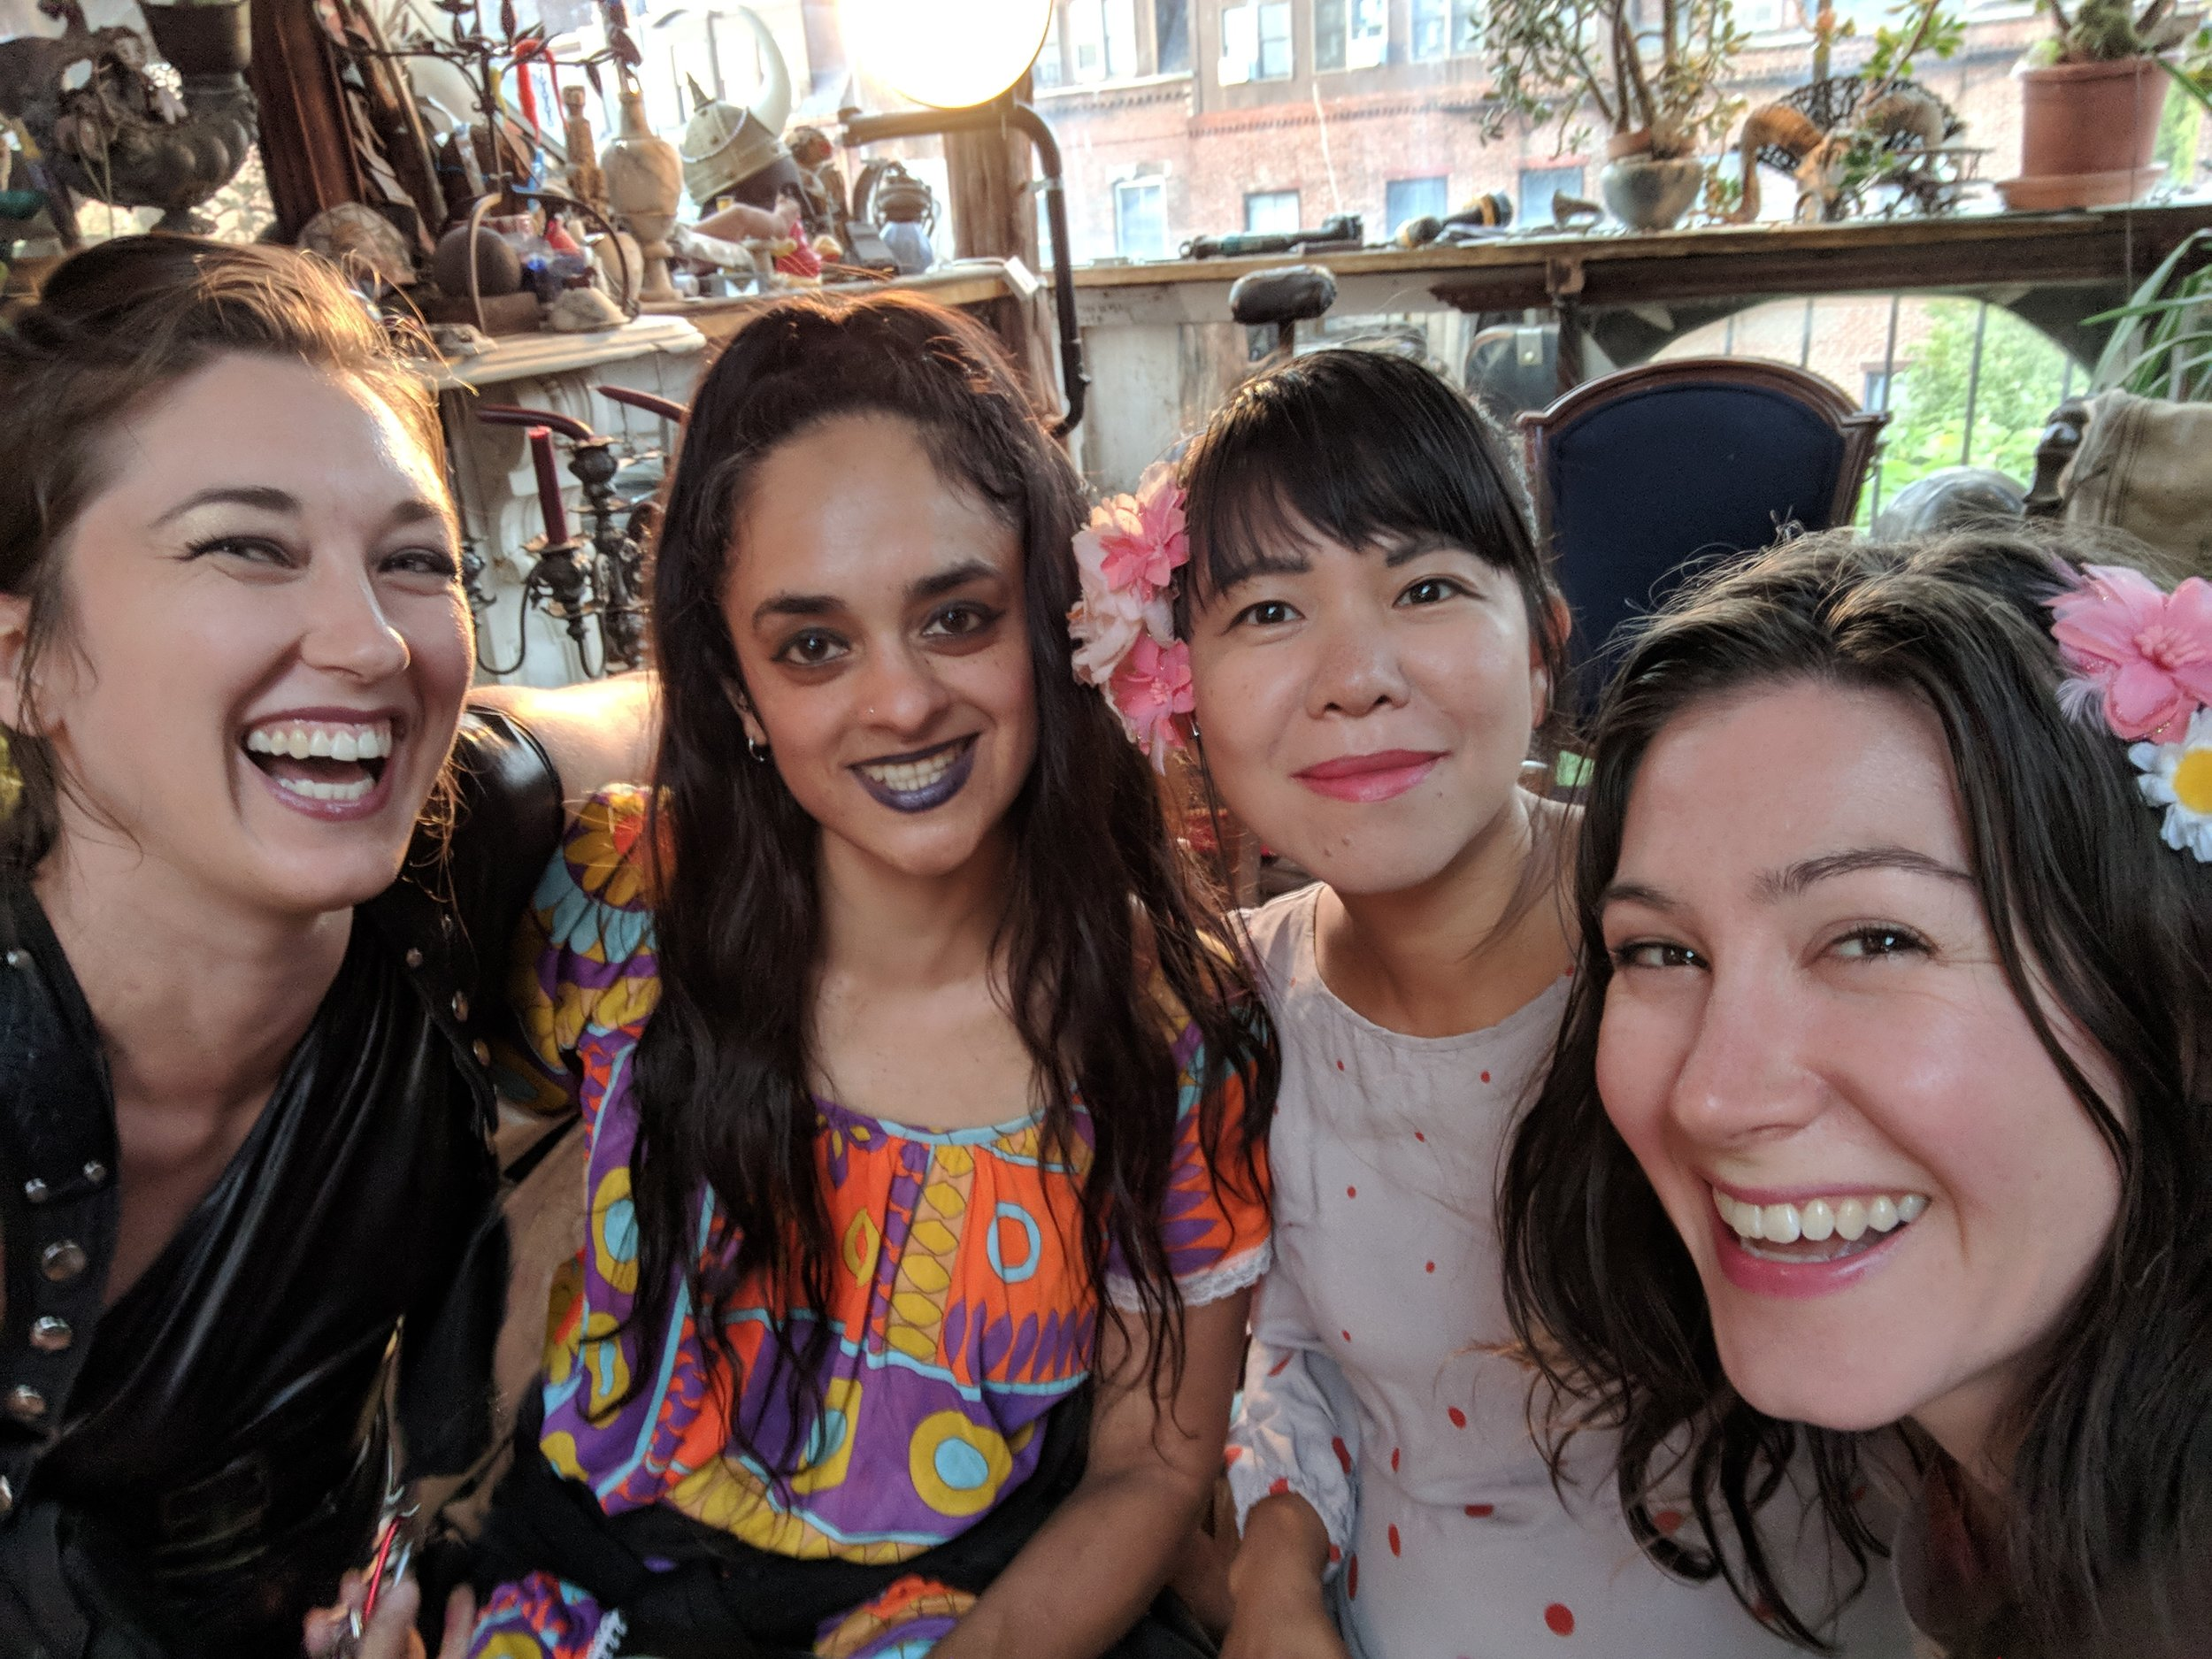 Crystal Bright, Mali, Miwa & Rebekah at the Cloud Club